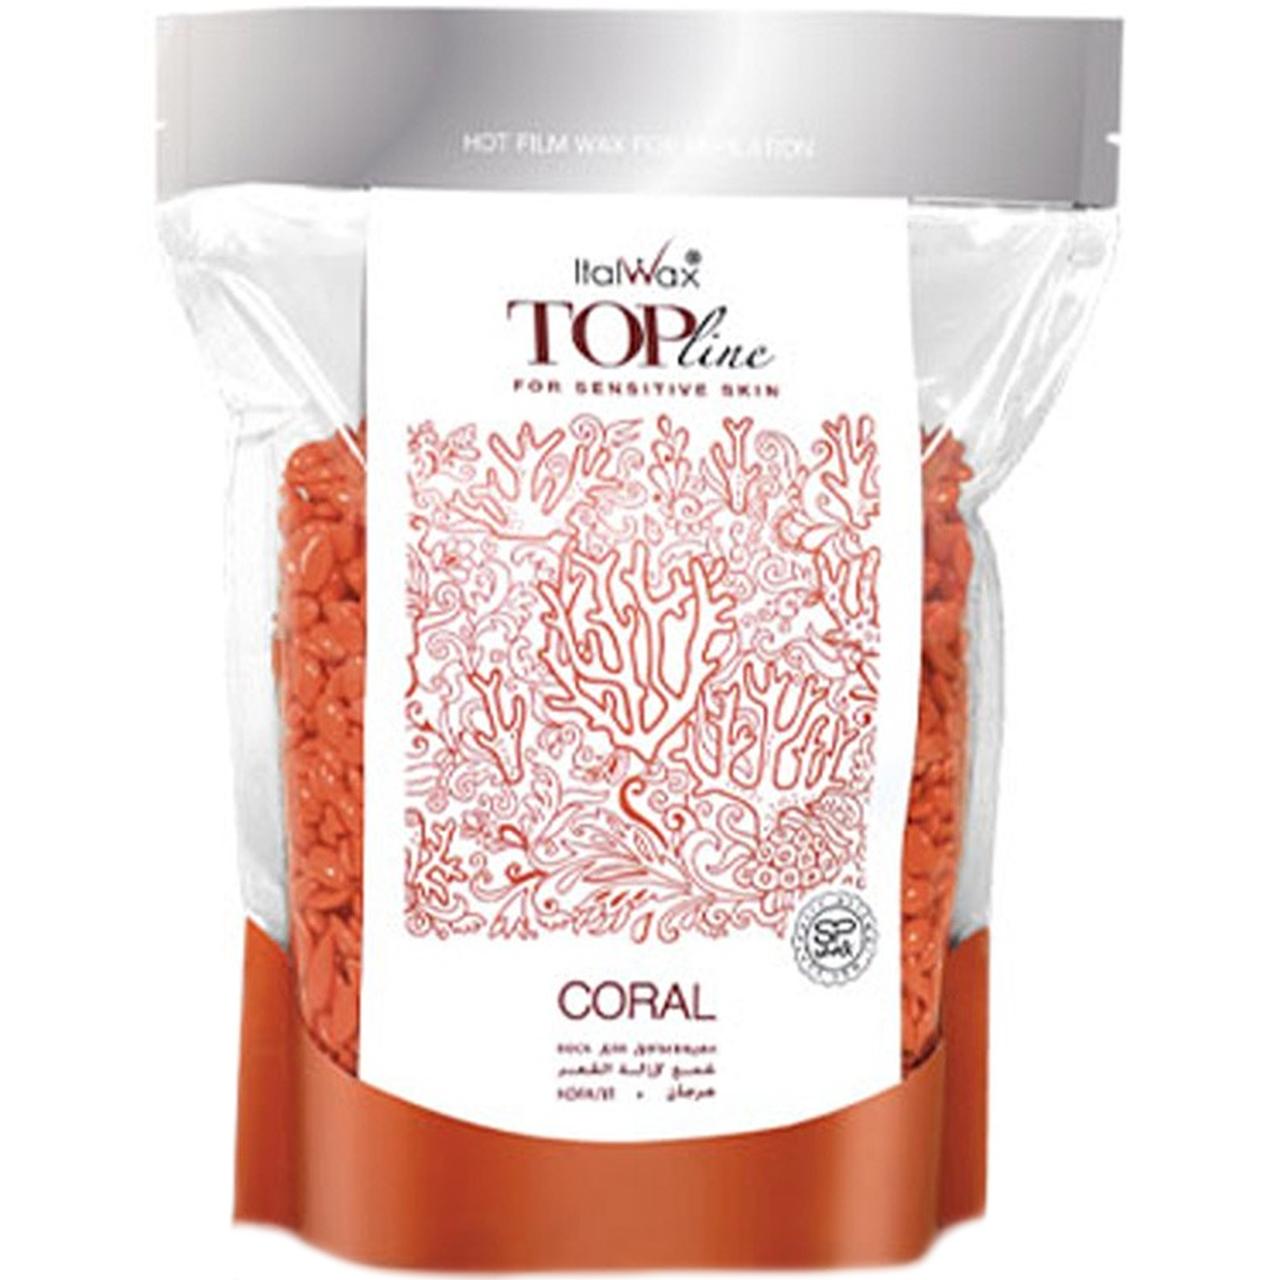 Гіпоалергенний віск гранулах Ital Wax Top Formula Coral, 750 г для чутливої шкіри